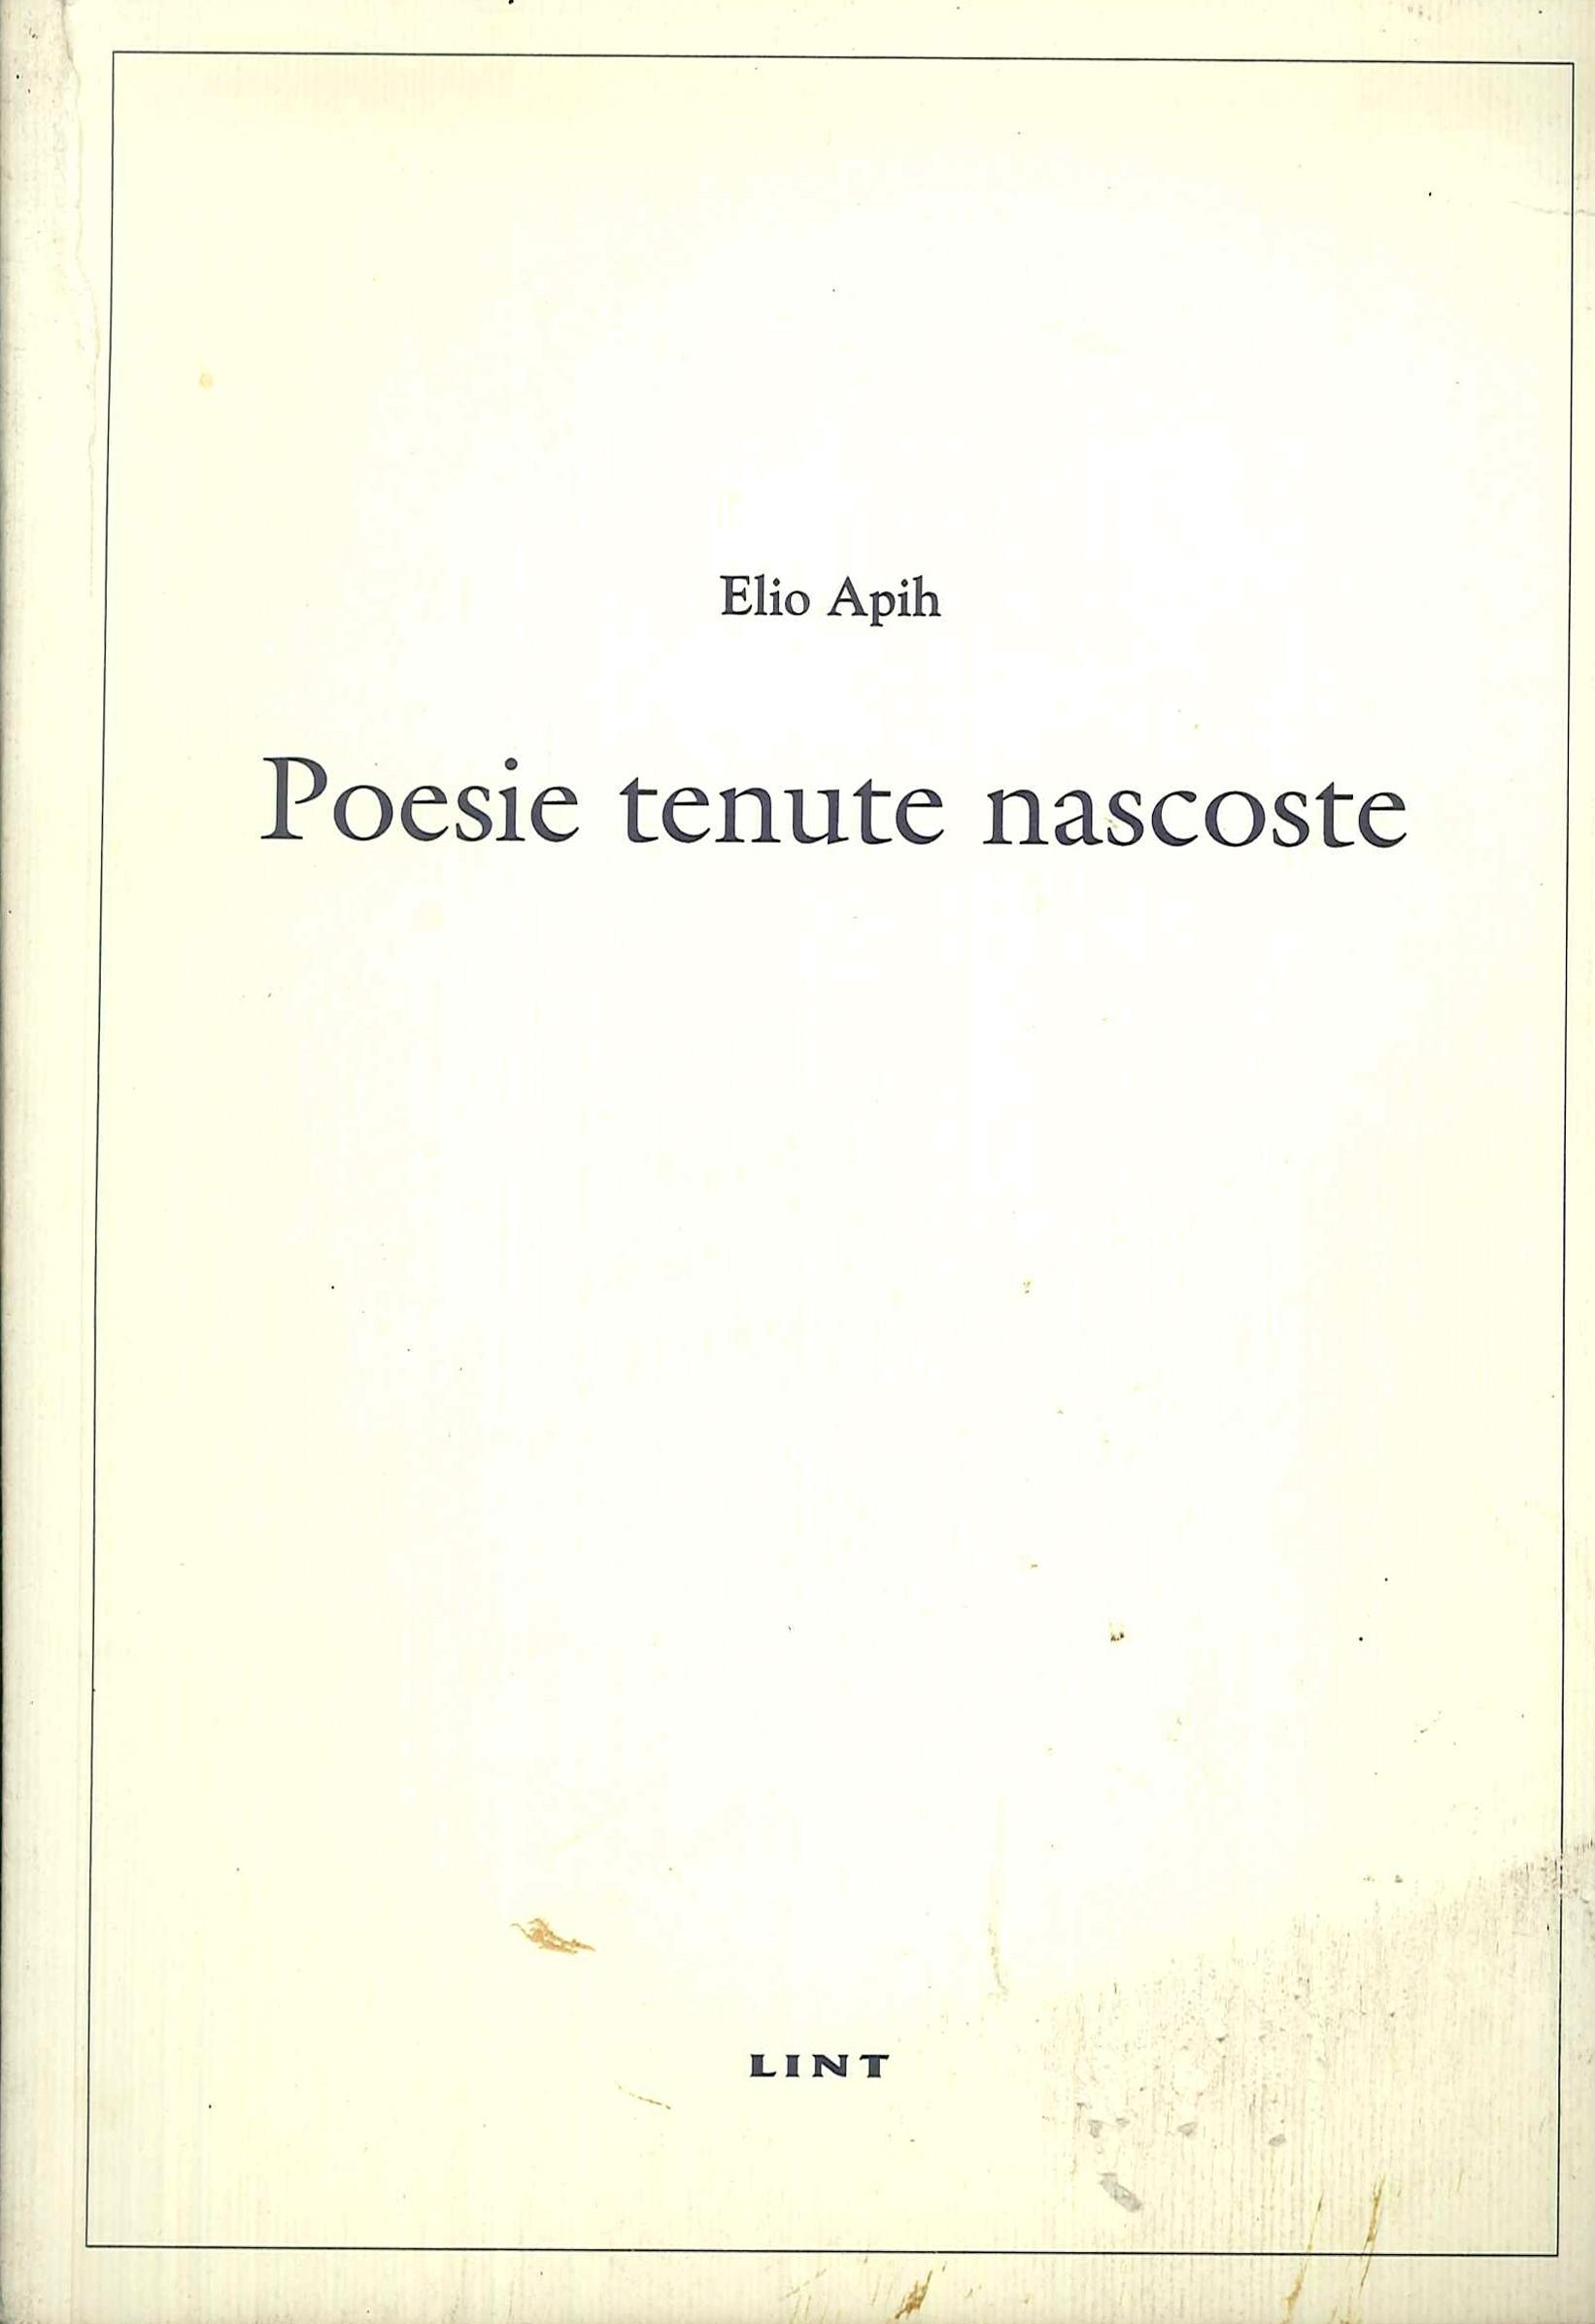 Poesie tenute nascoste